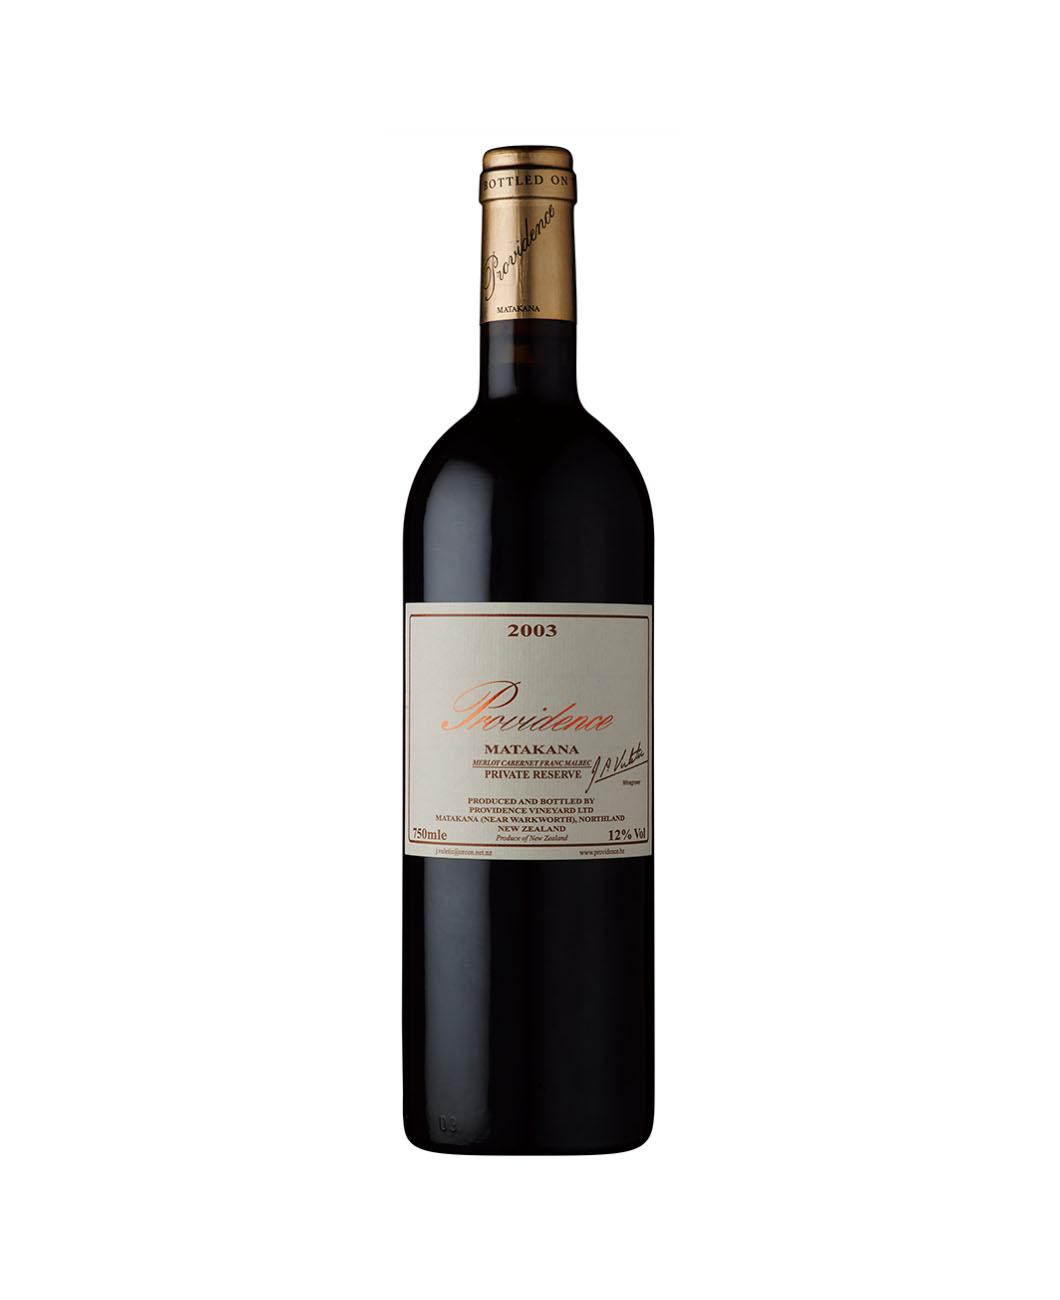 Matakana-wine-and-dine-in-new-zealand-lapolo